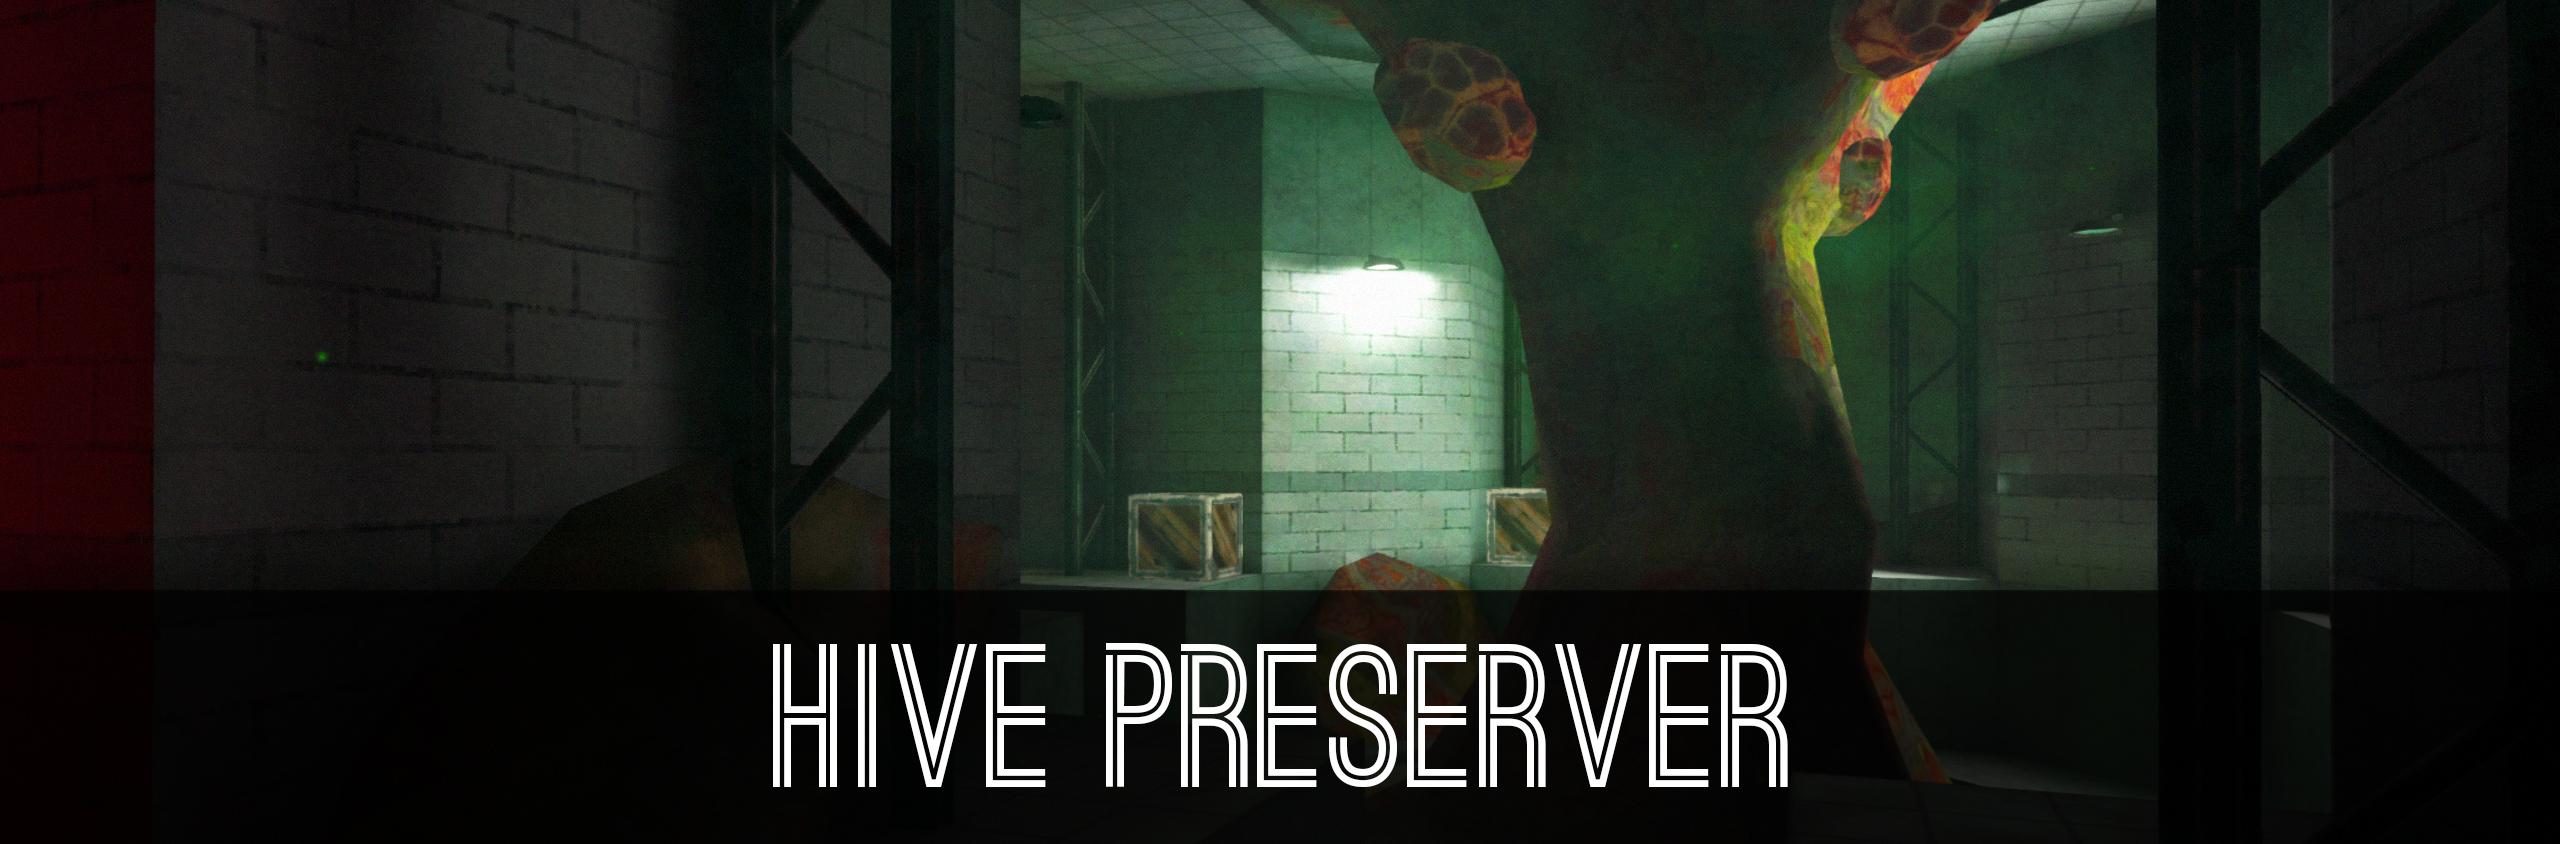 Hive Preserver